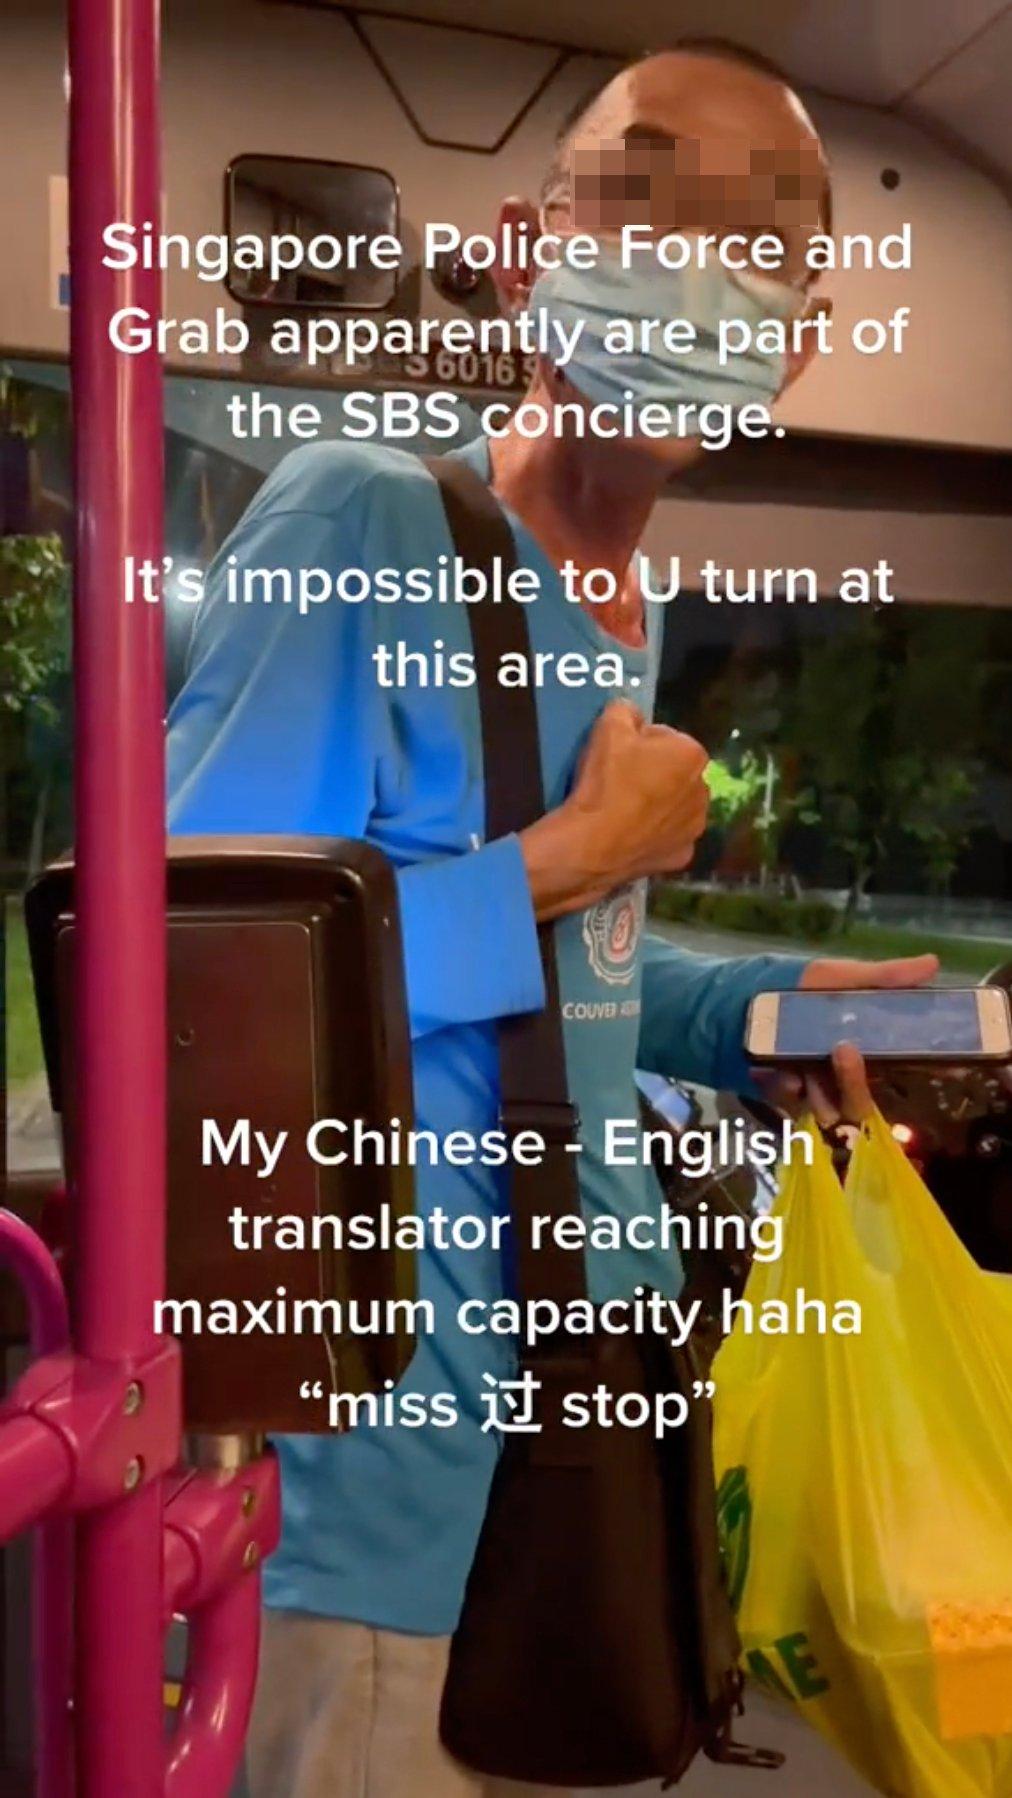 man misses bus stop